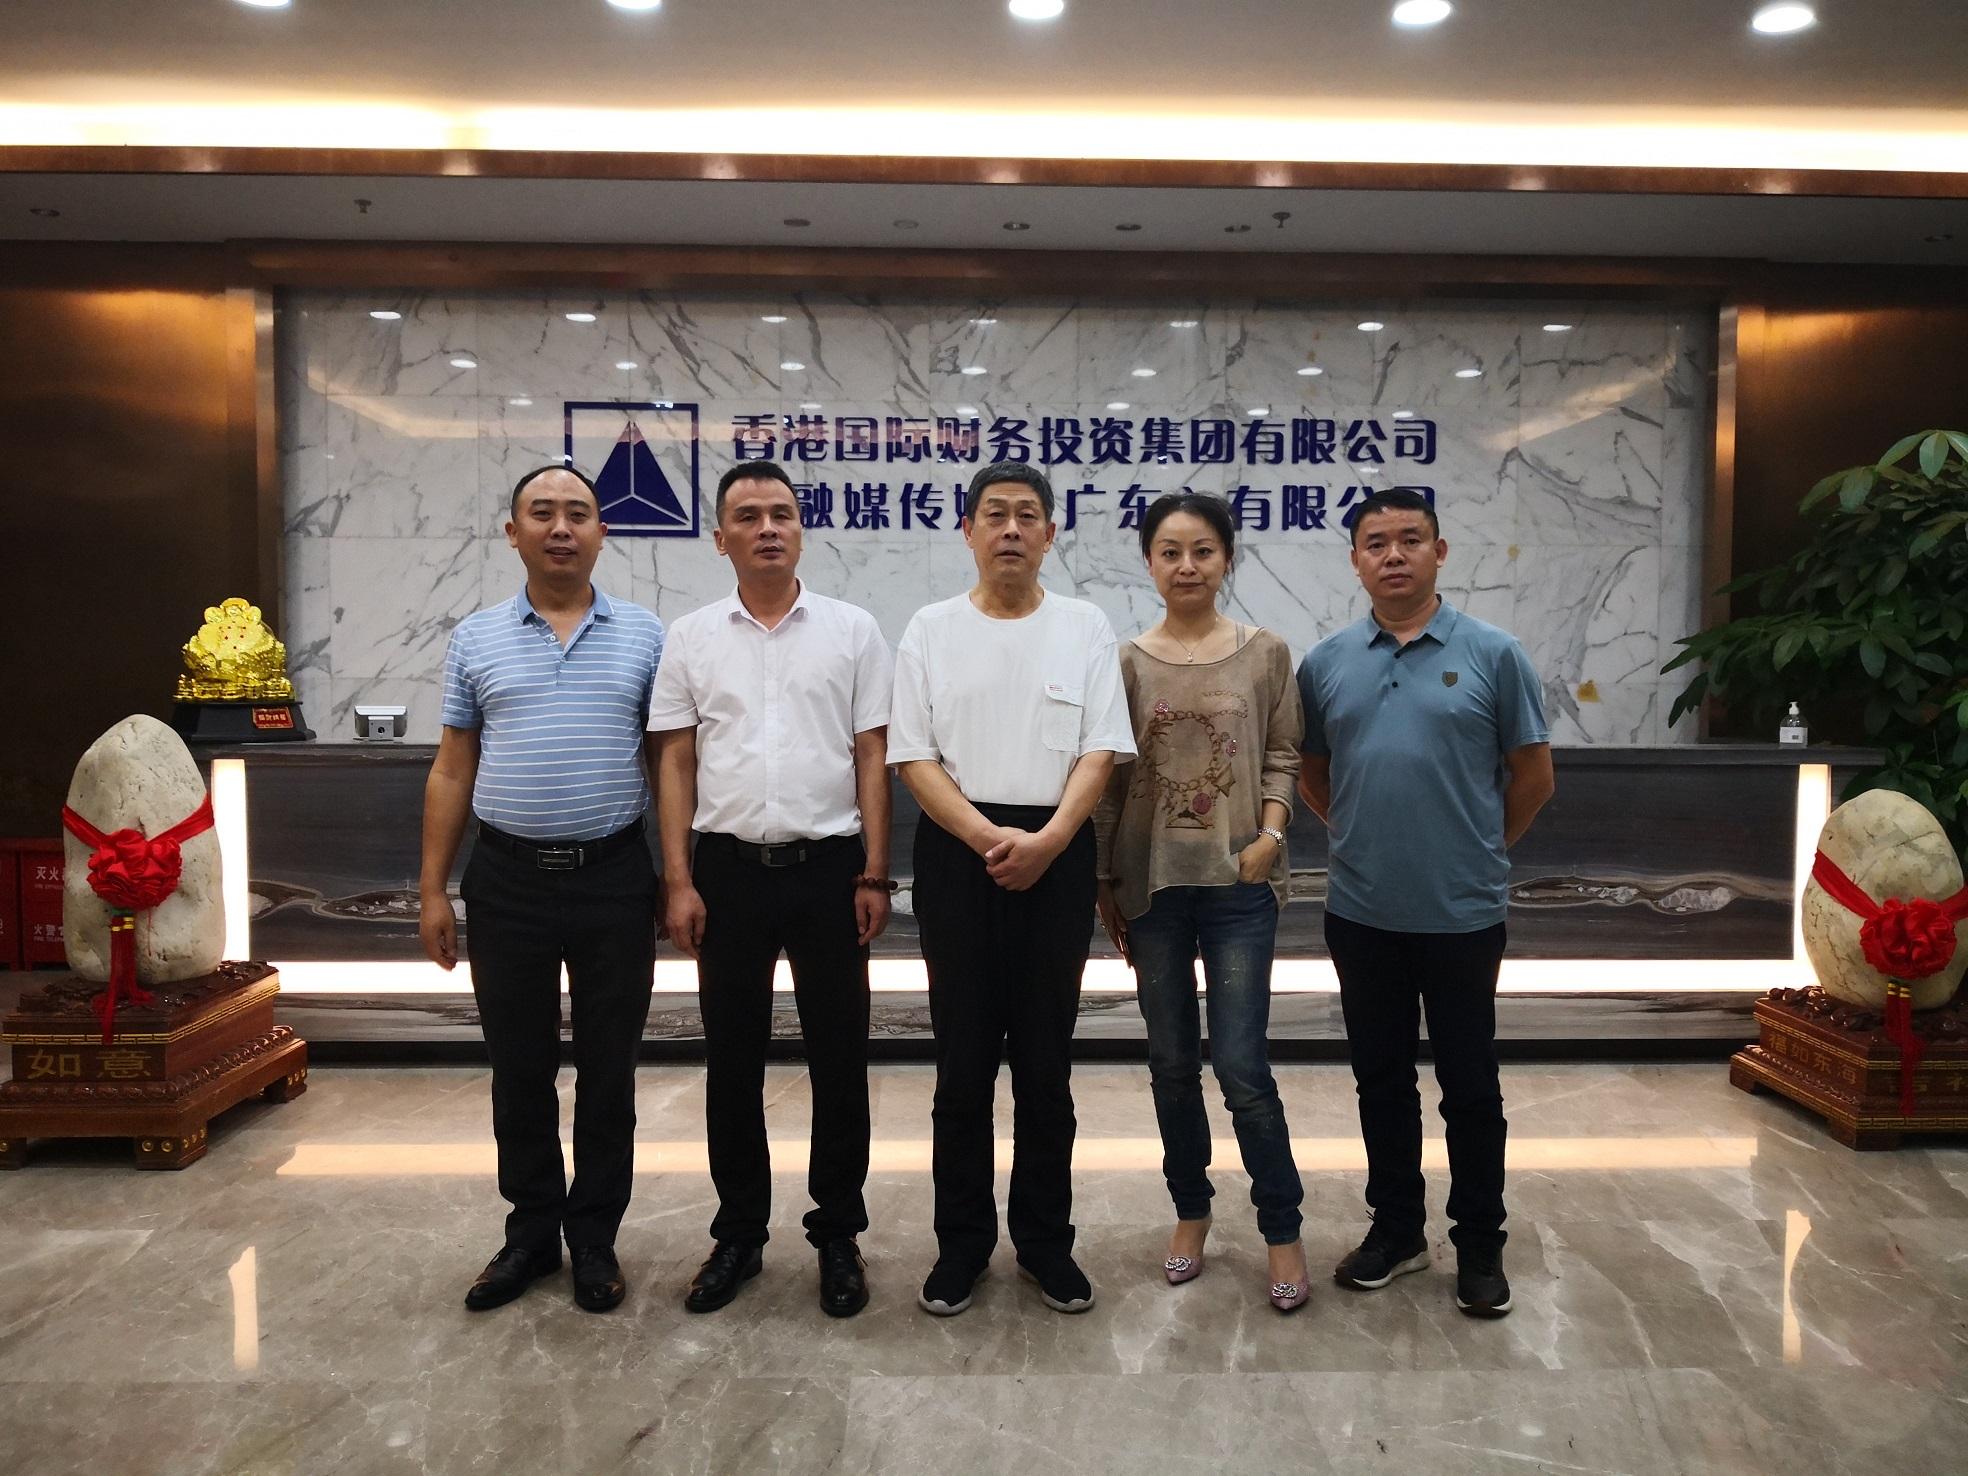 天融媒传媒将进驻杭州